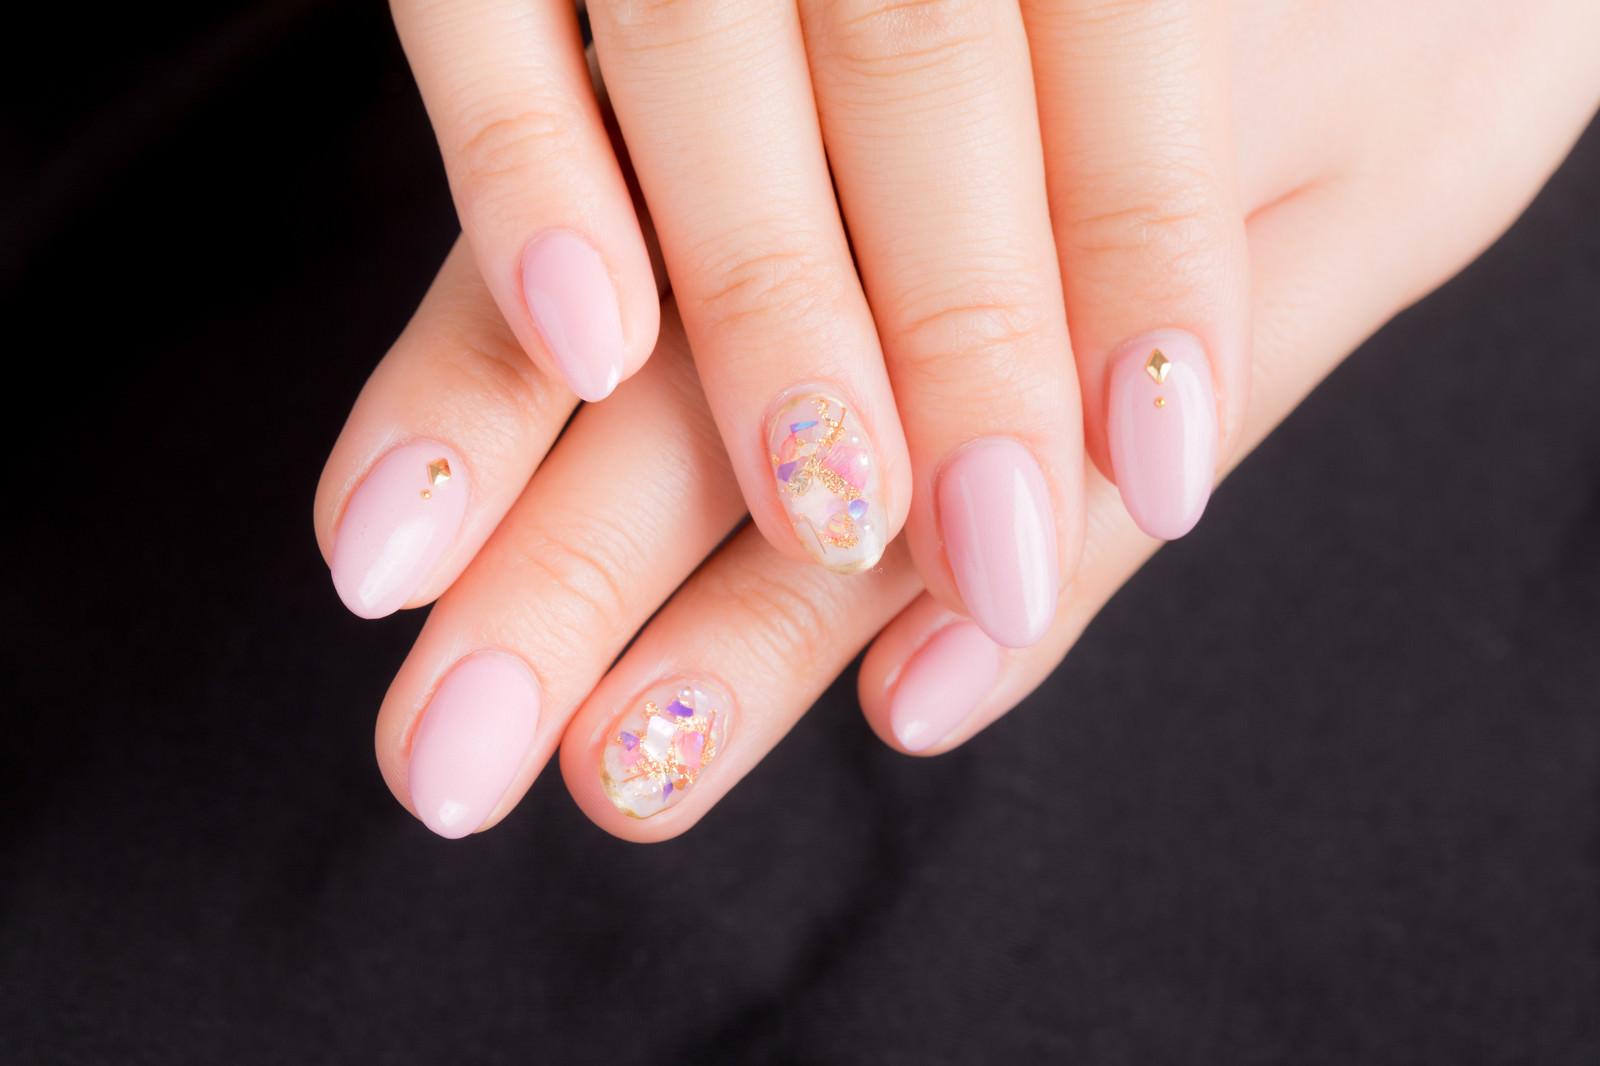 「ピンクネイルデザイン」の写真